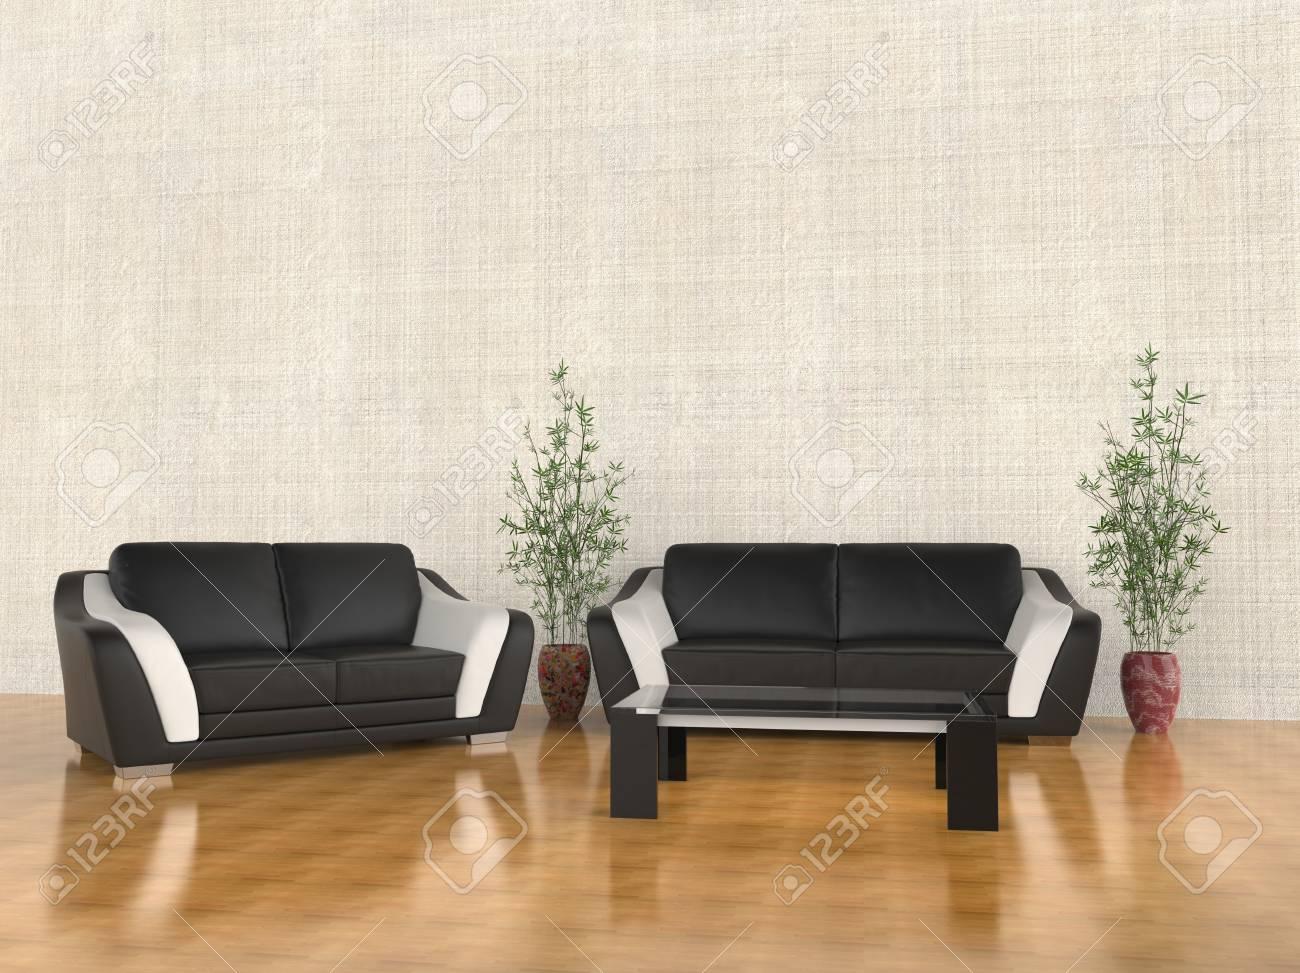 Warm Wohnzimmer Möbel Set Standard Bild   44859762